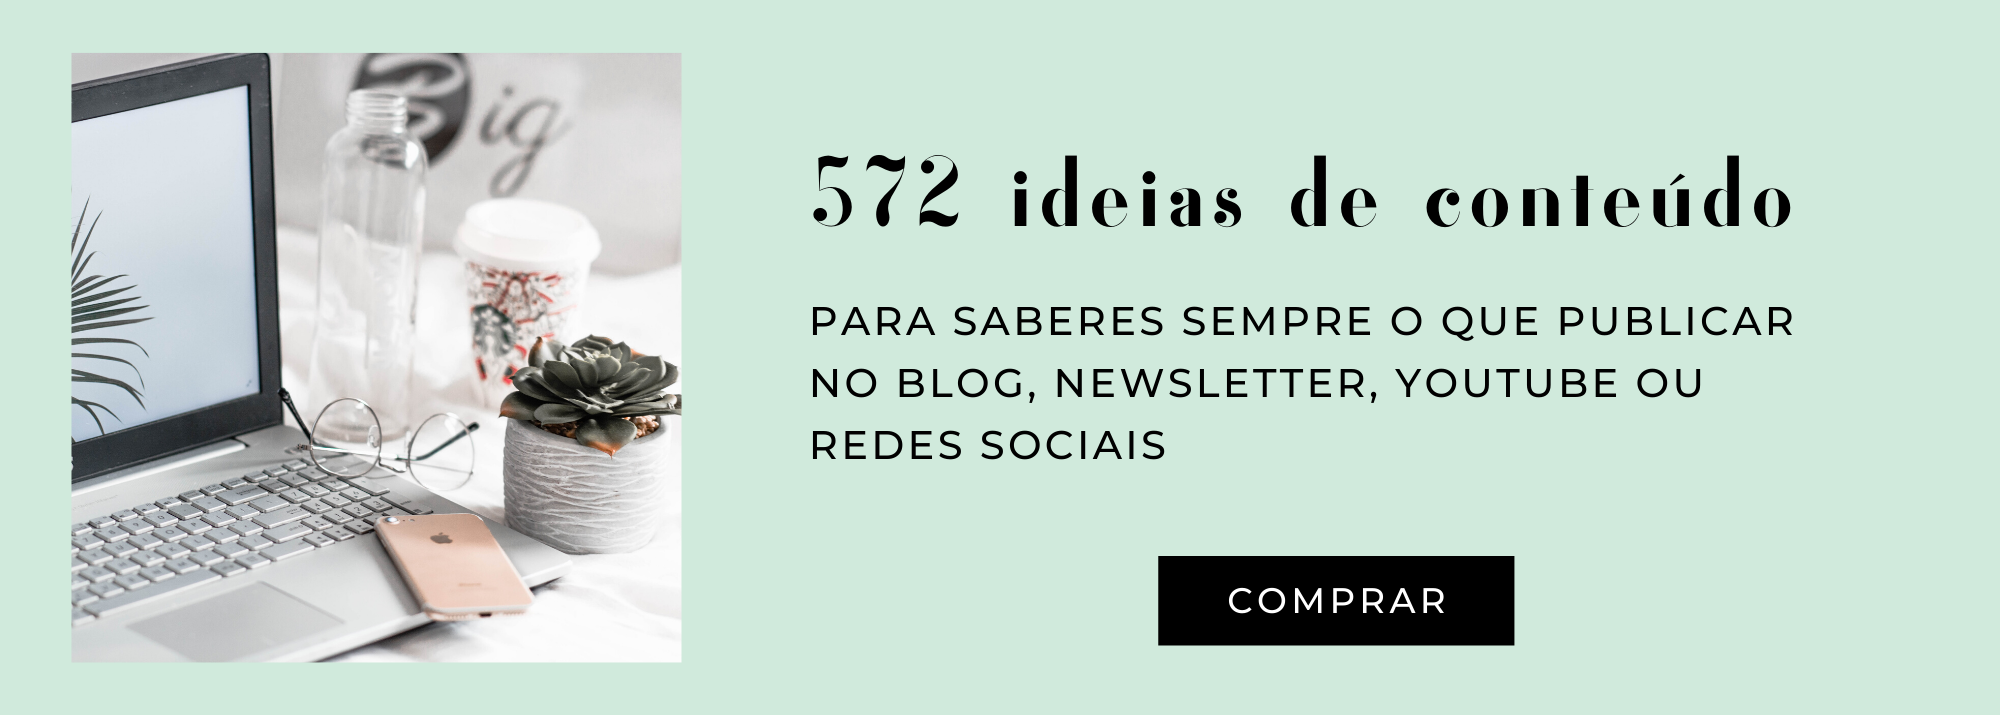 572-ideias-para-planear-conteúdo-para-um-blog-ou-canal-de-Youtube